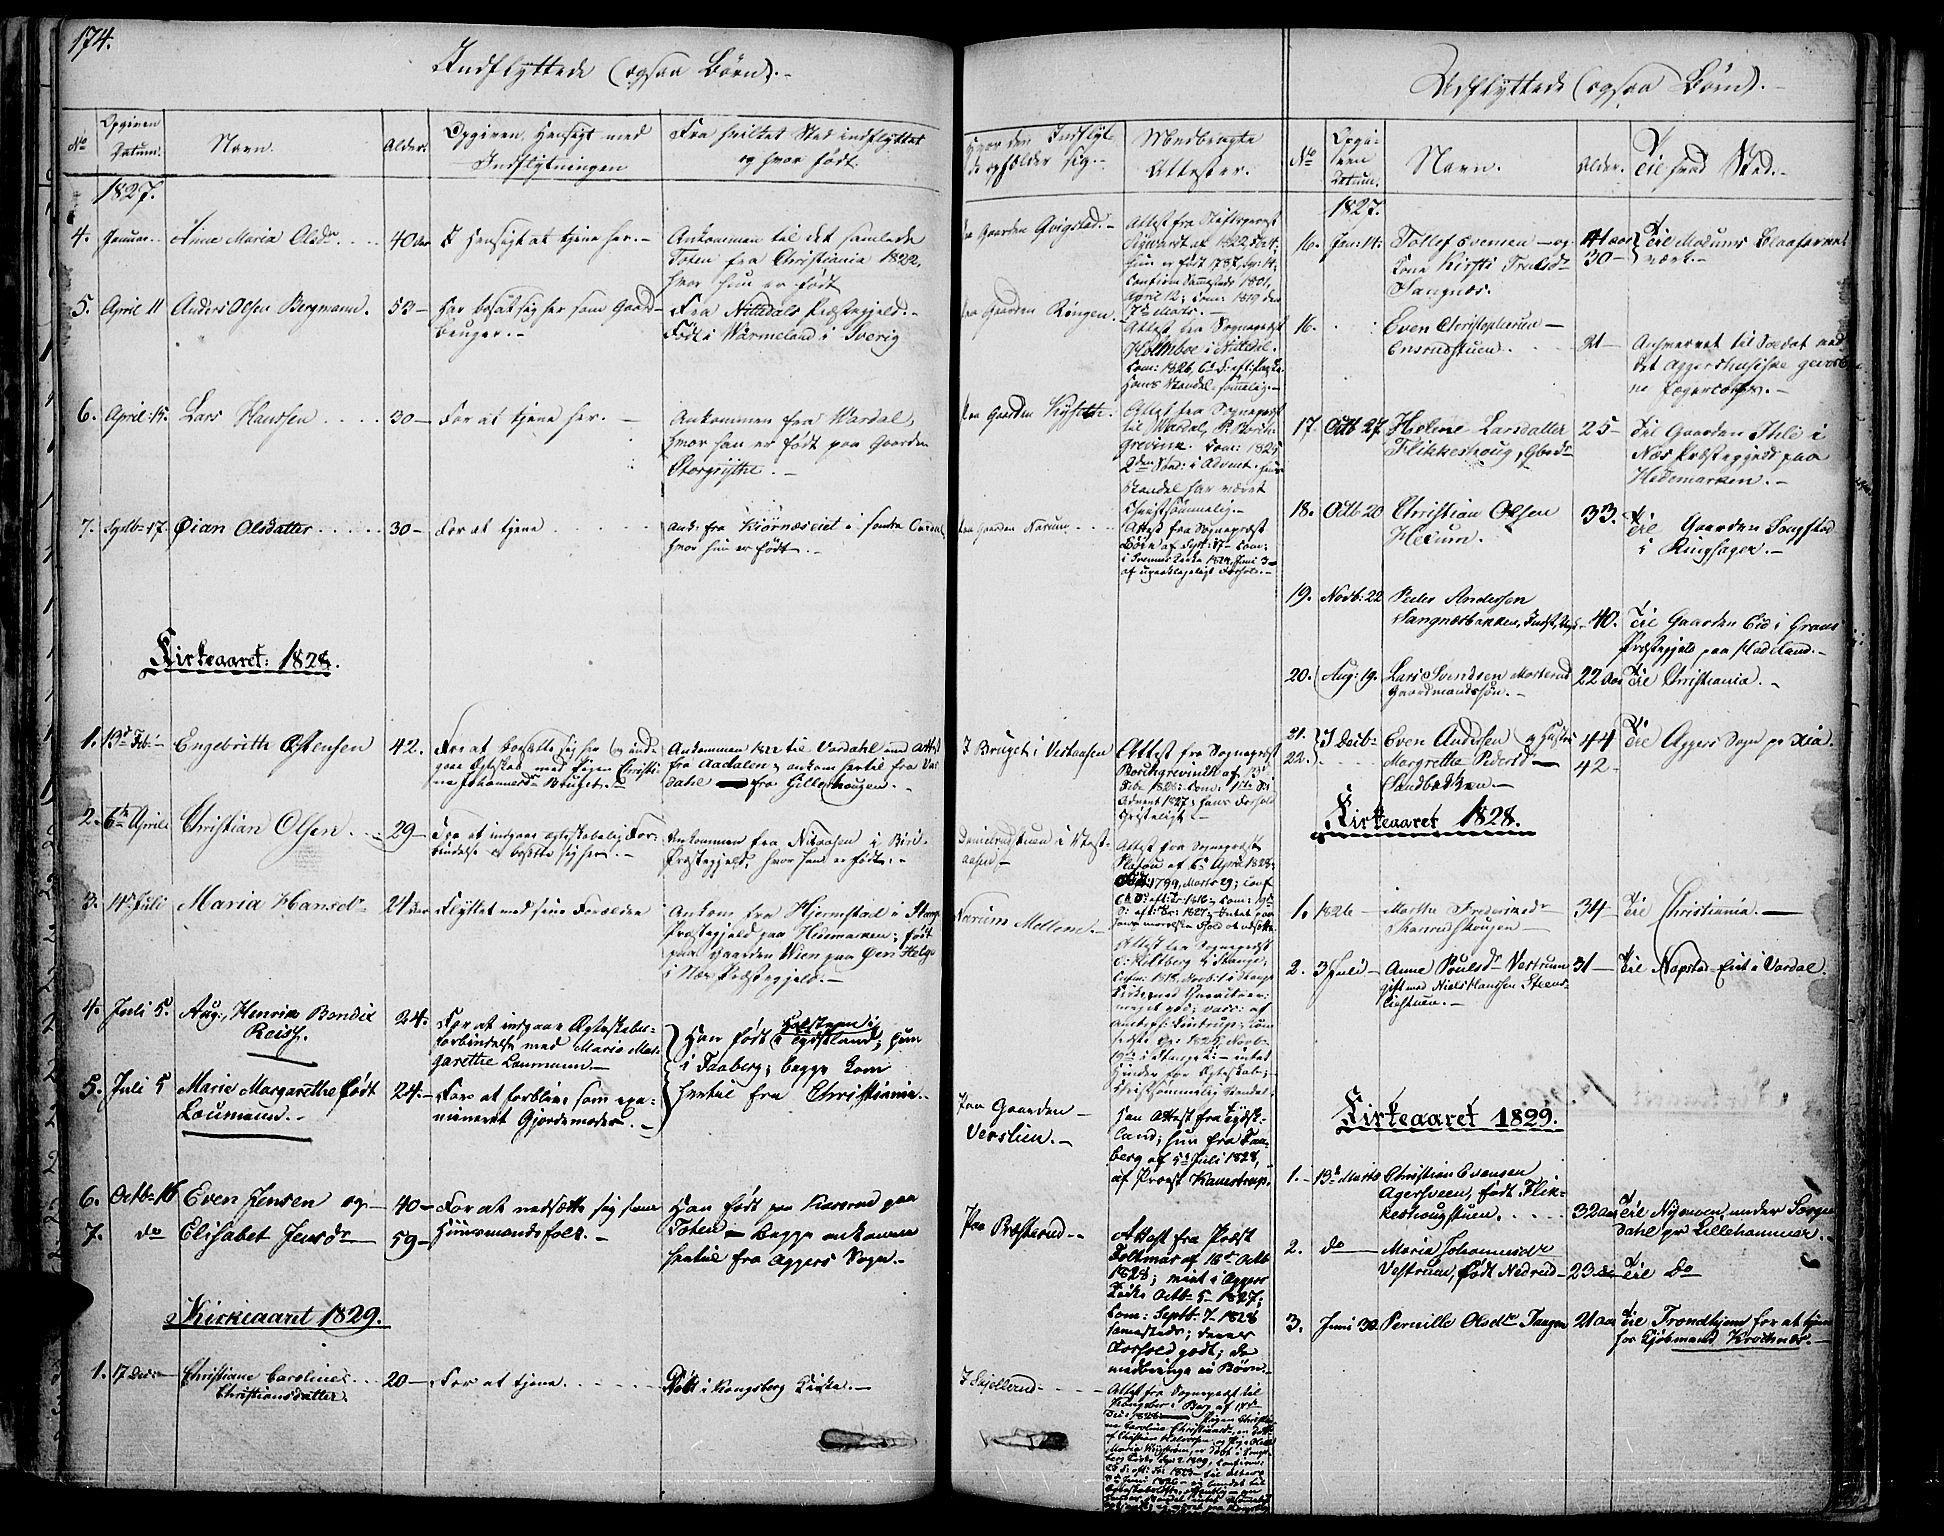 SAH, Vestre Toten prestekontor, Ministerialbok nr. 2, 1825-1837, s. 174